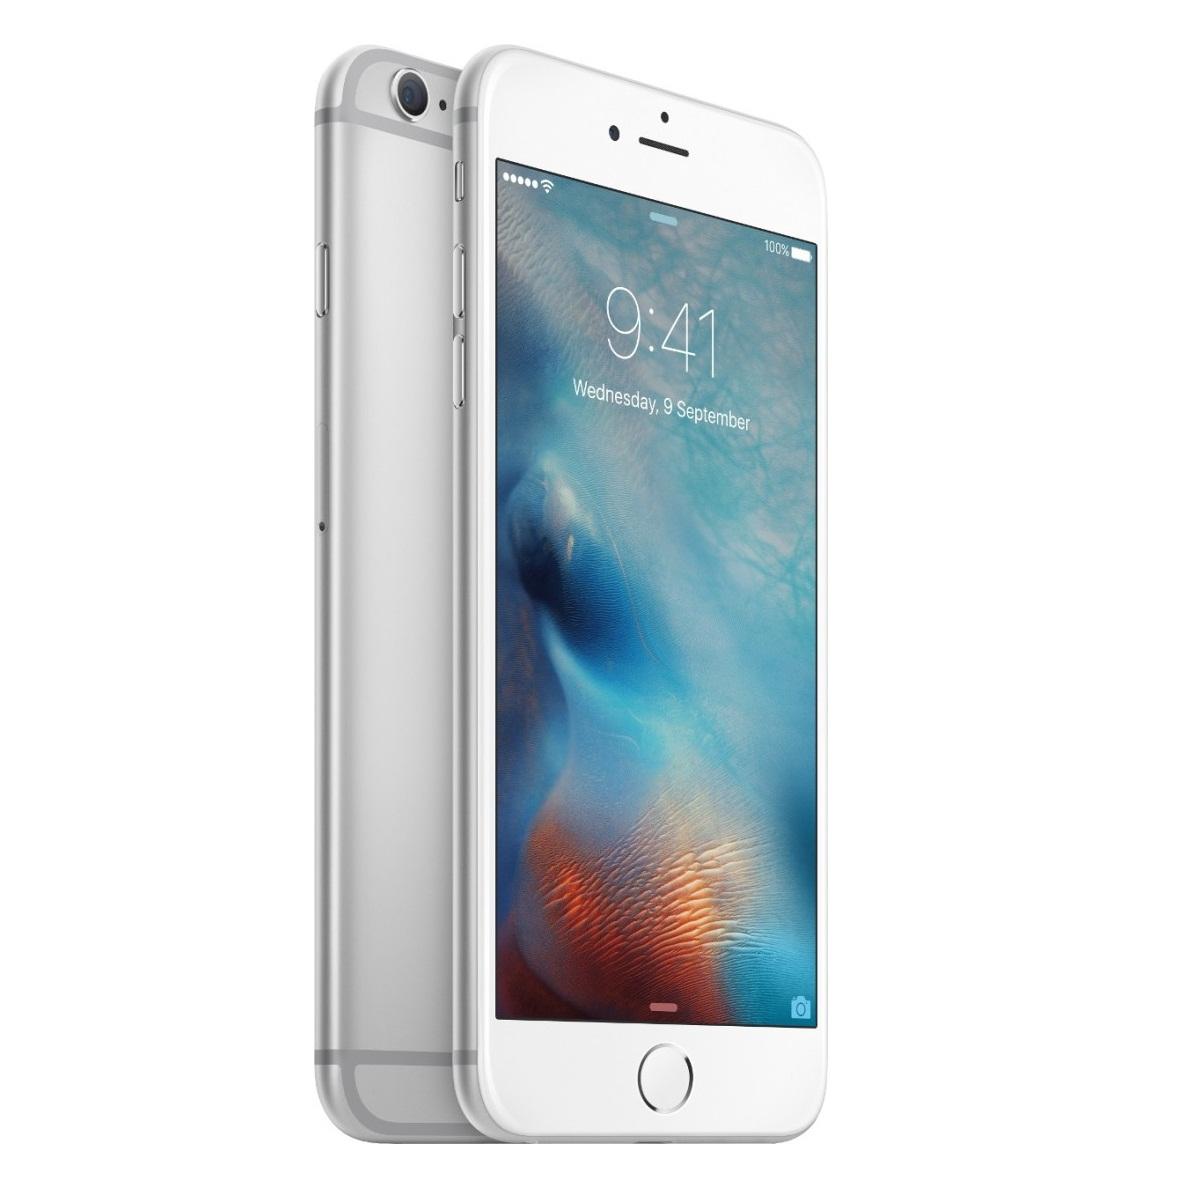 de61b033a65 Apple iPhone 6s Plus 16 GB Price  1 Jun 2019